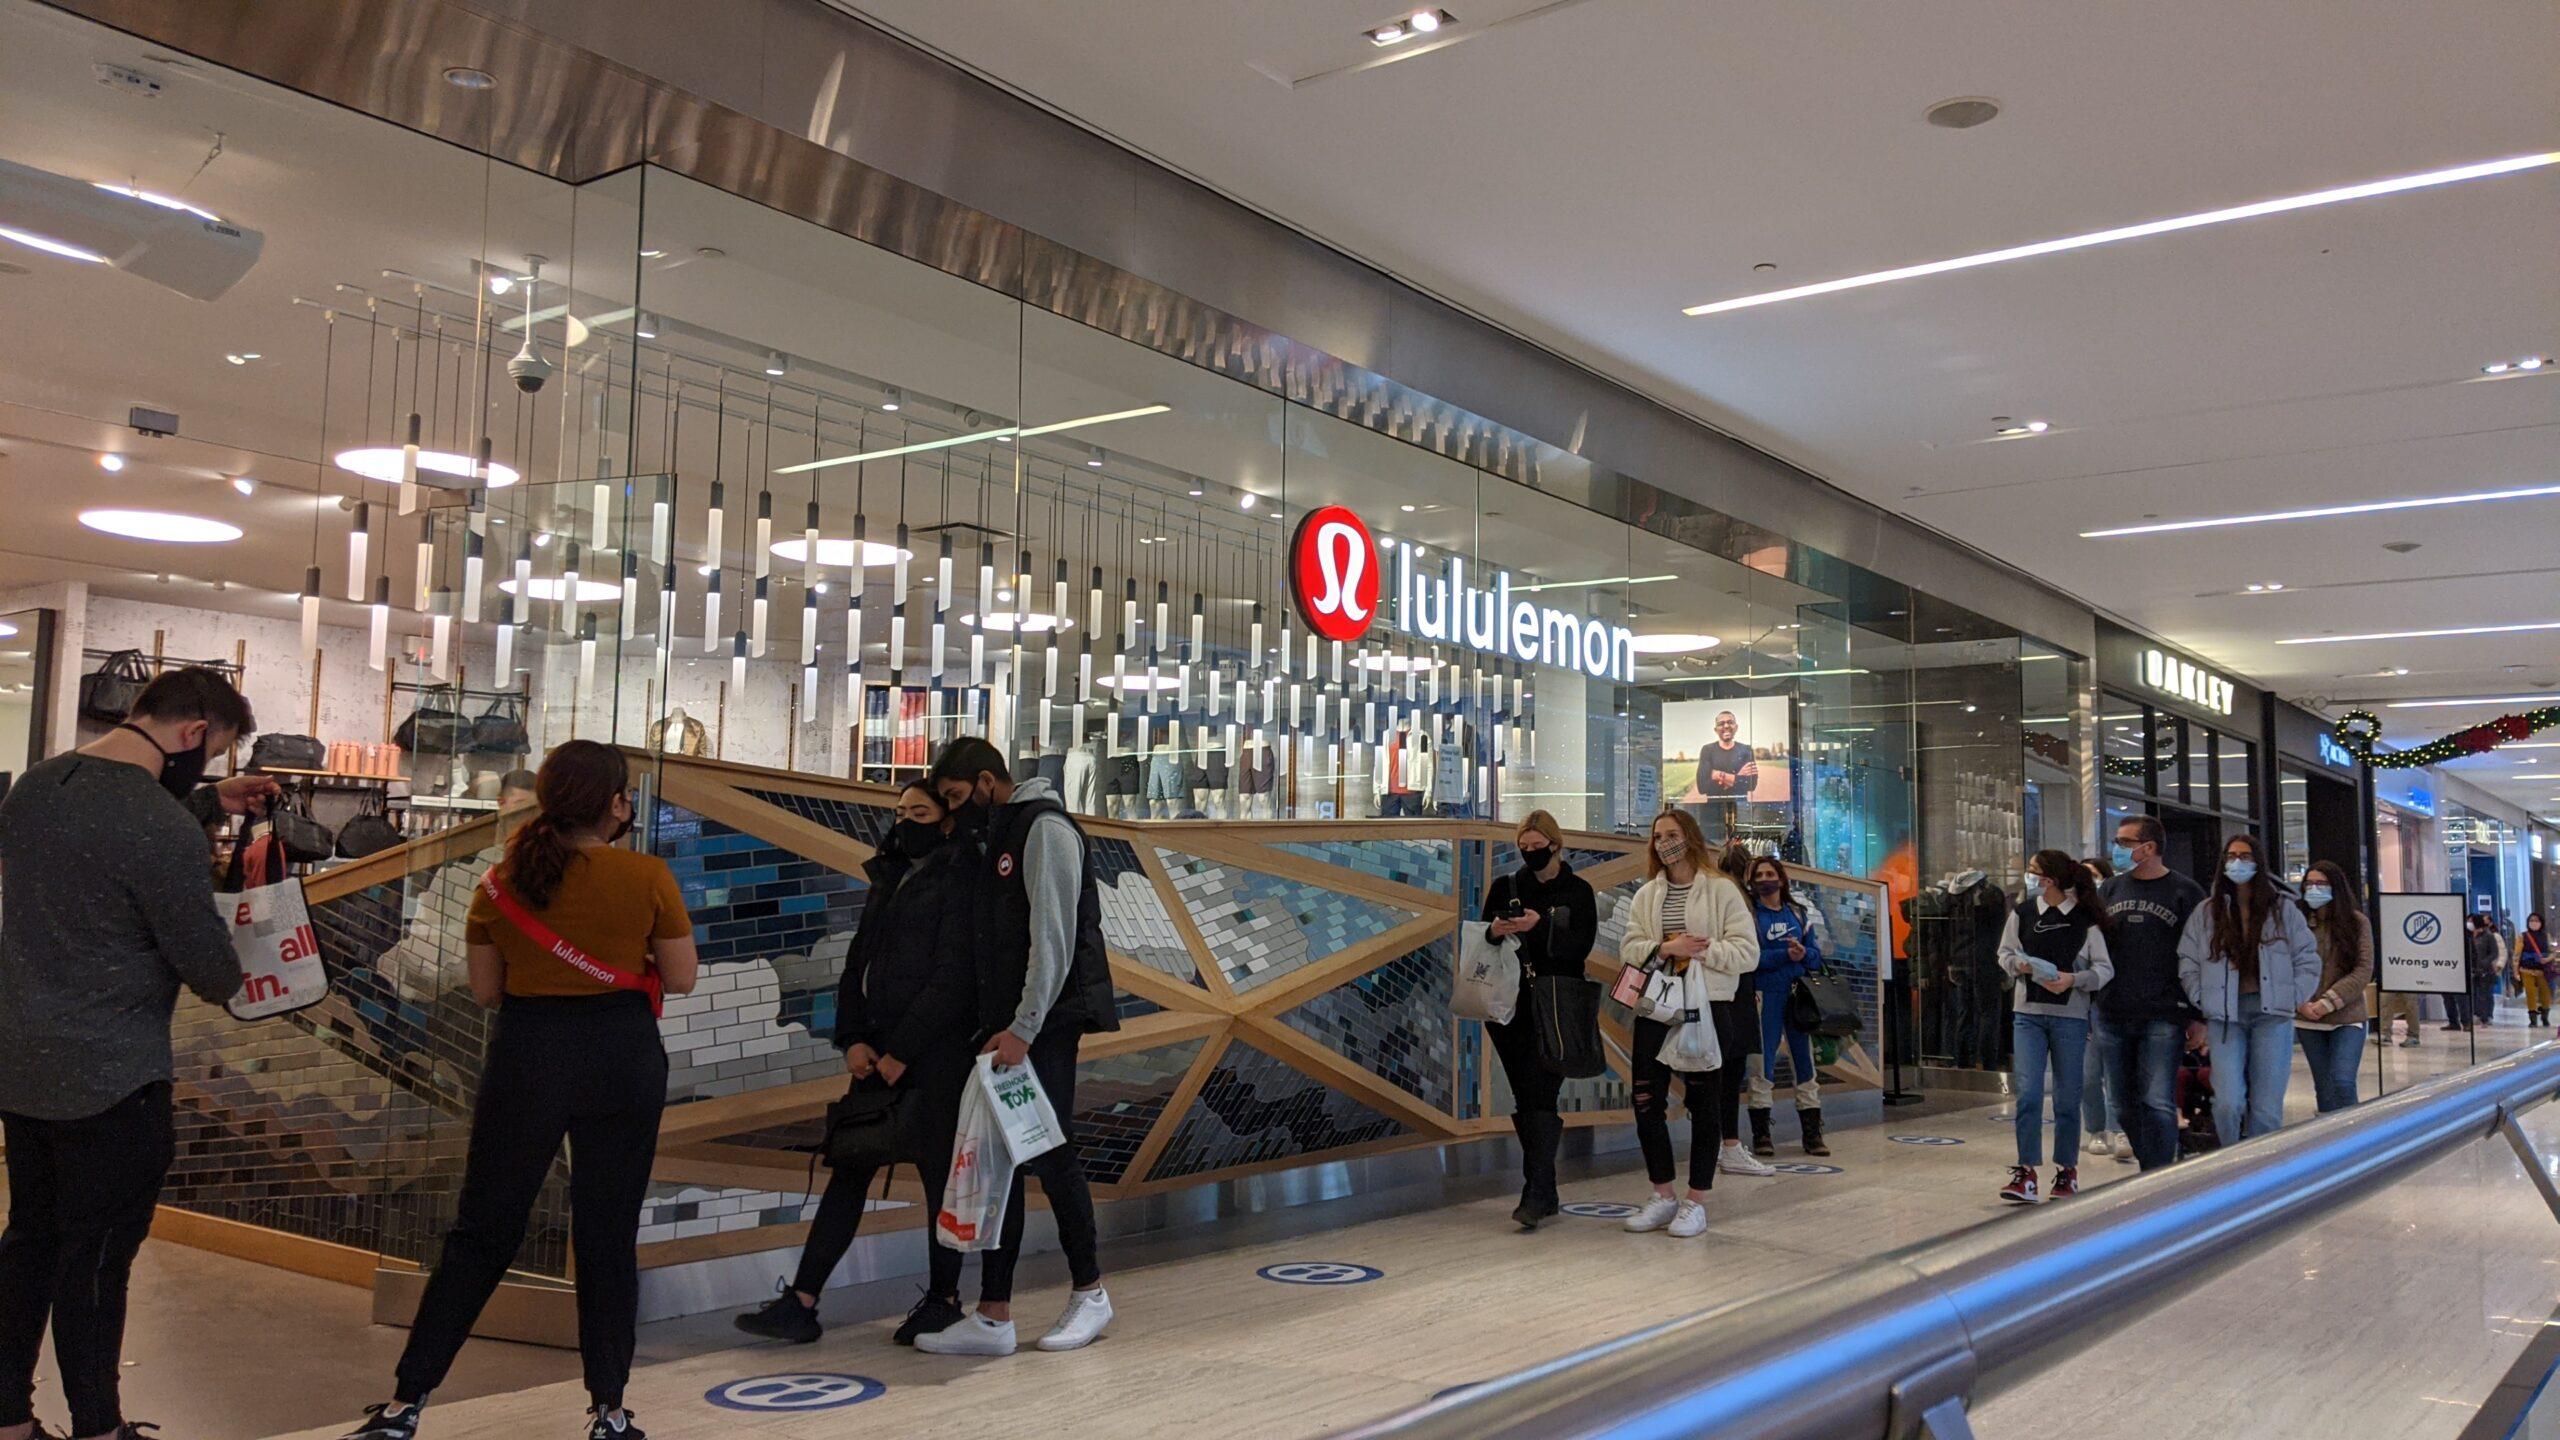 Lululemon at West Edmonton Mall